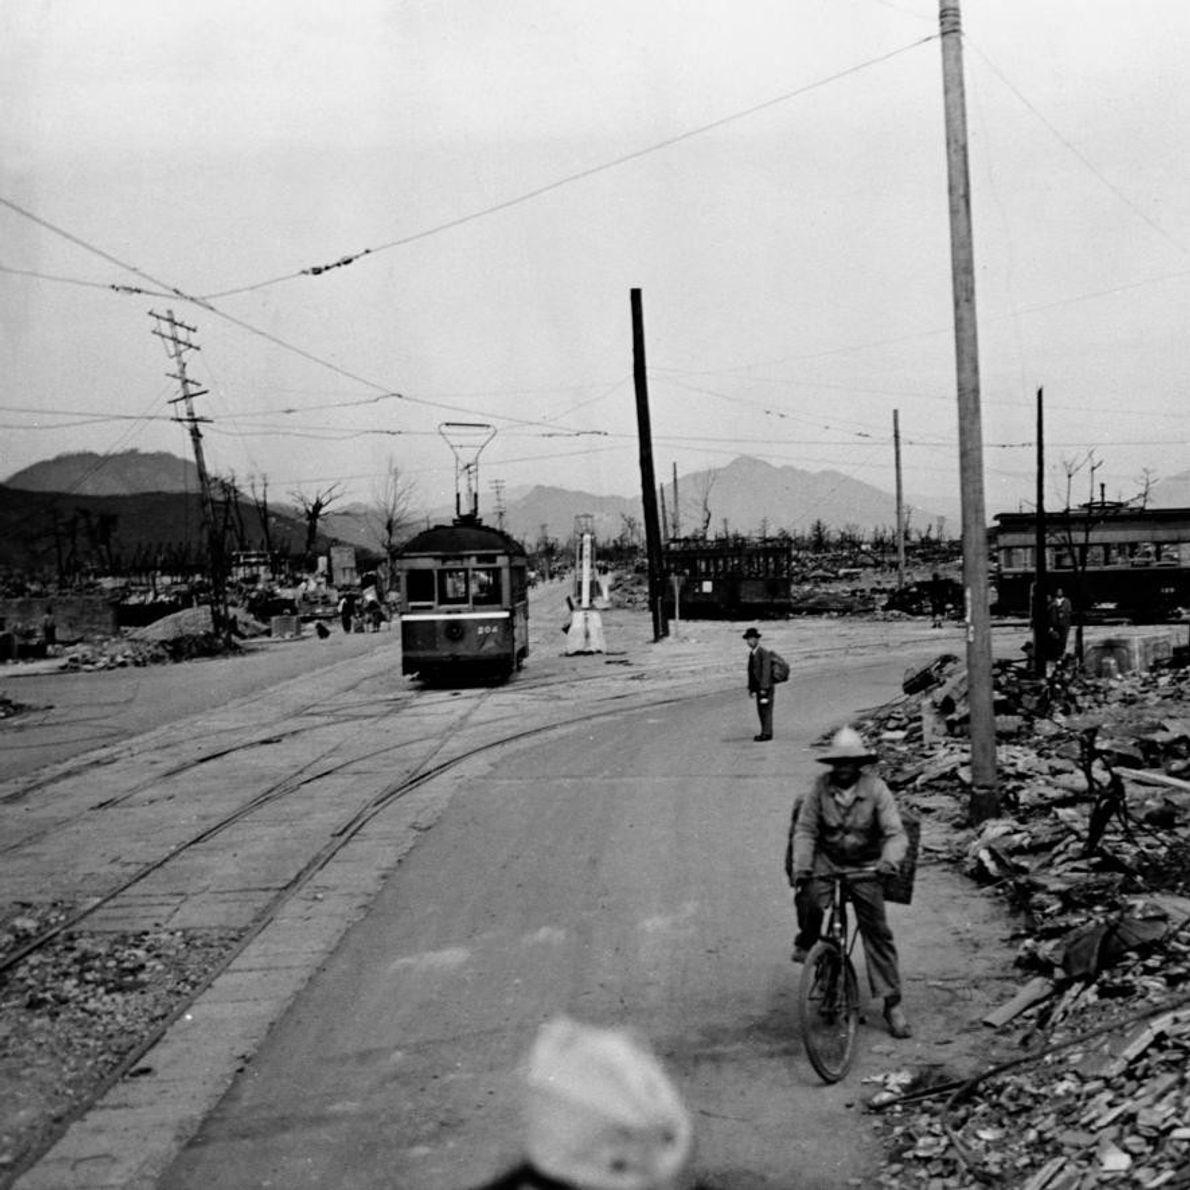 Un tramway continue de circuler et quelques civils traversent les ruines d'Hiroshima.